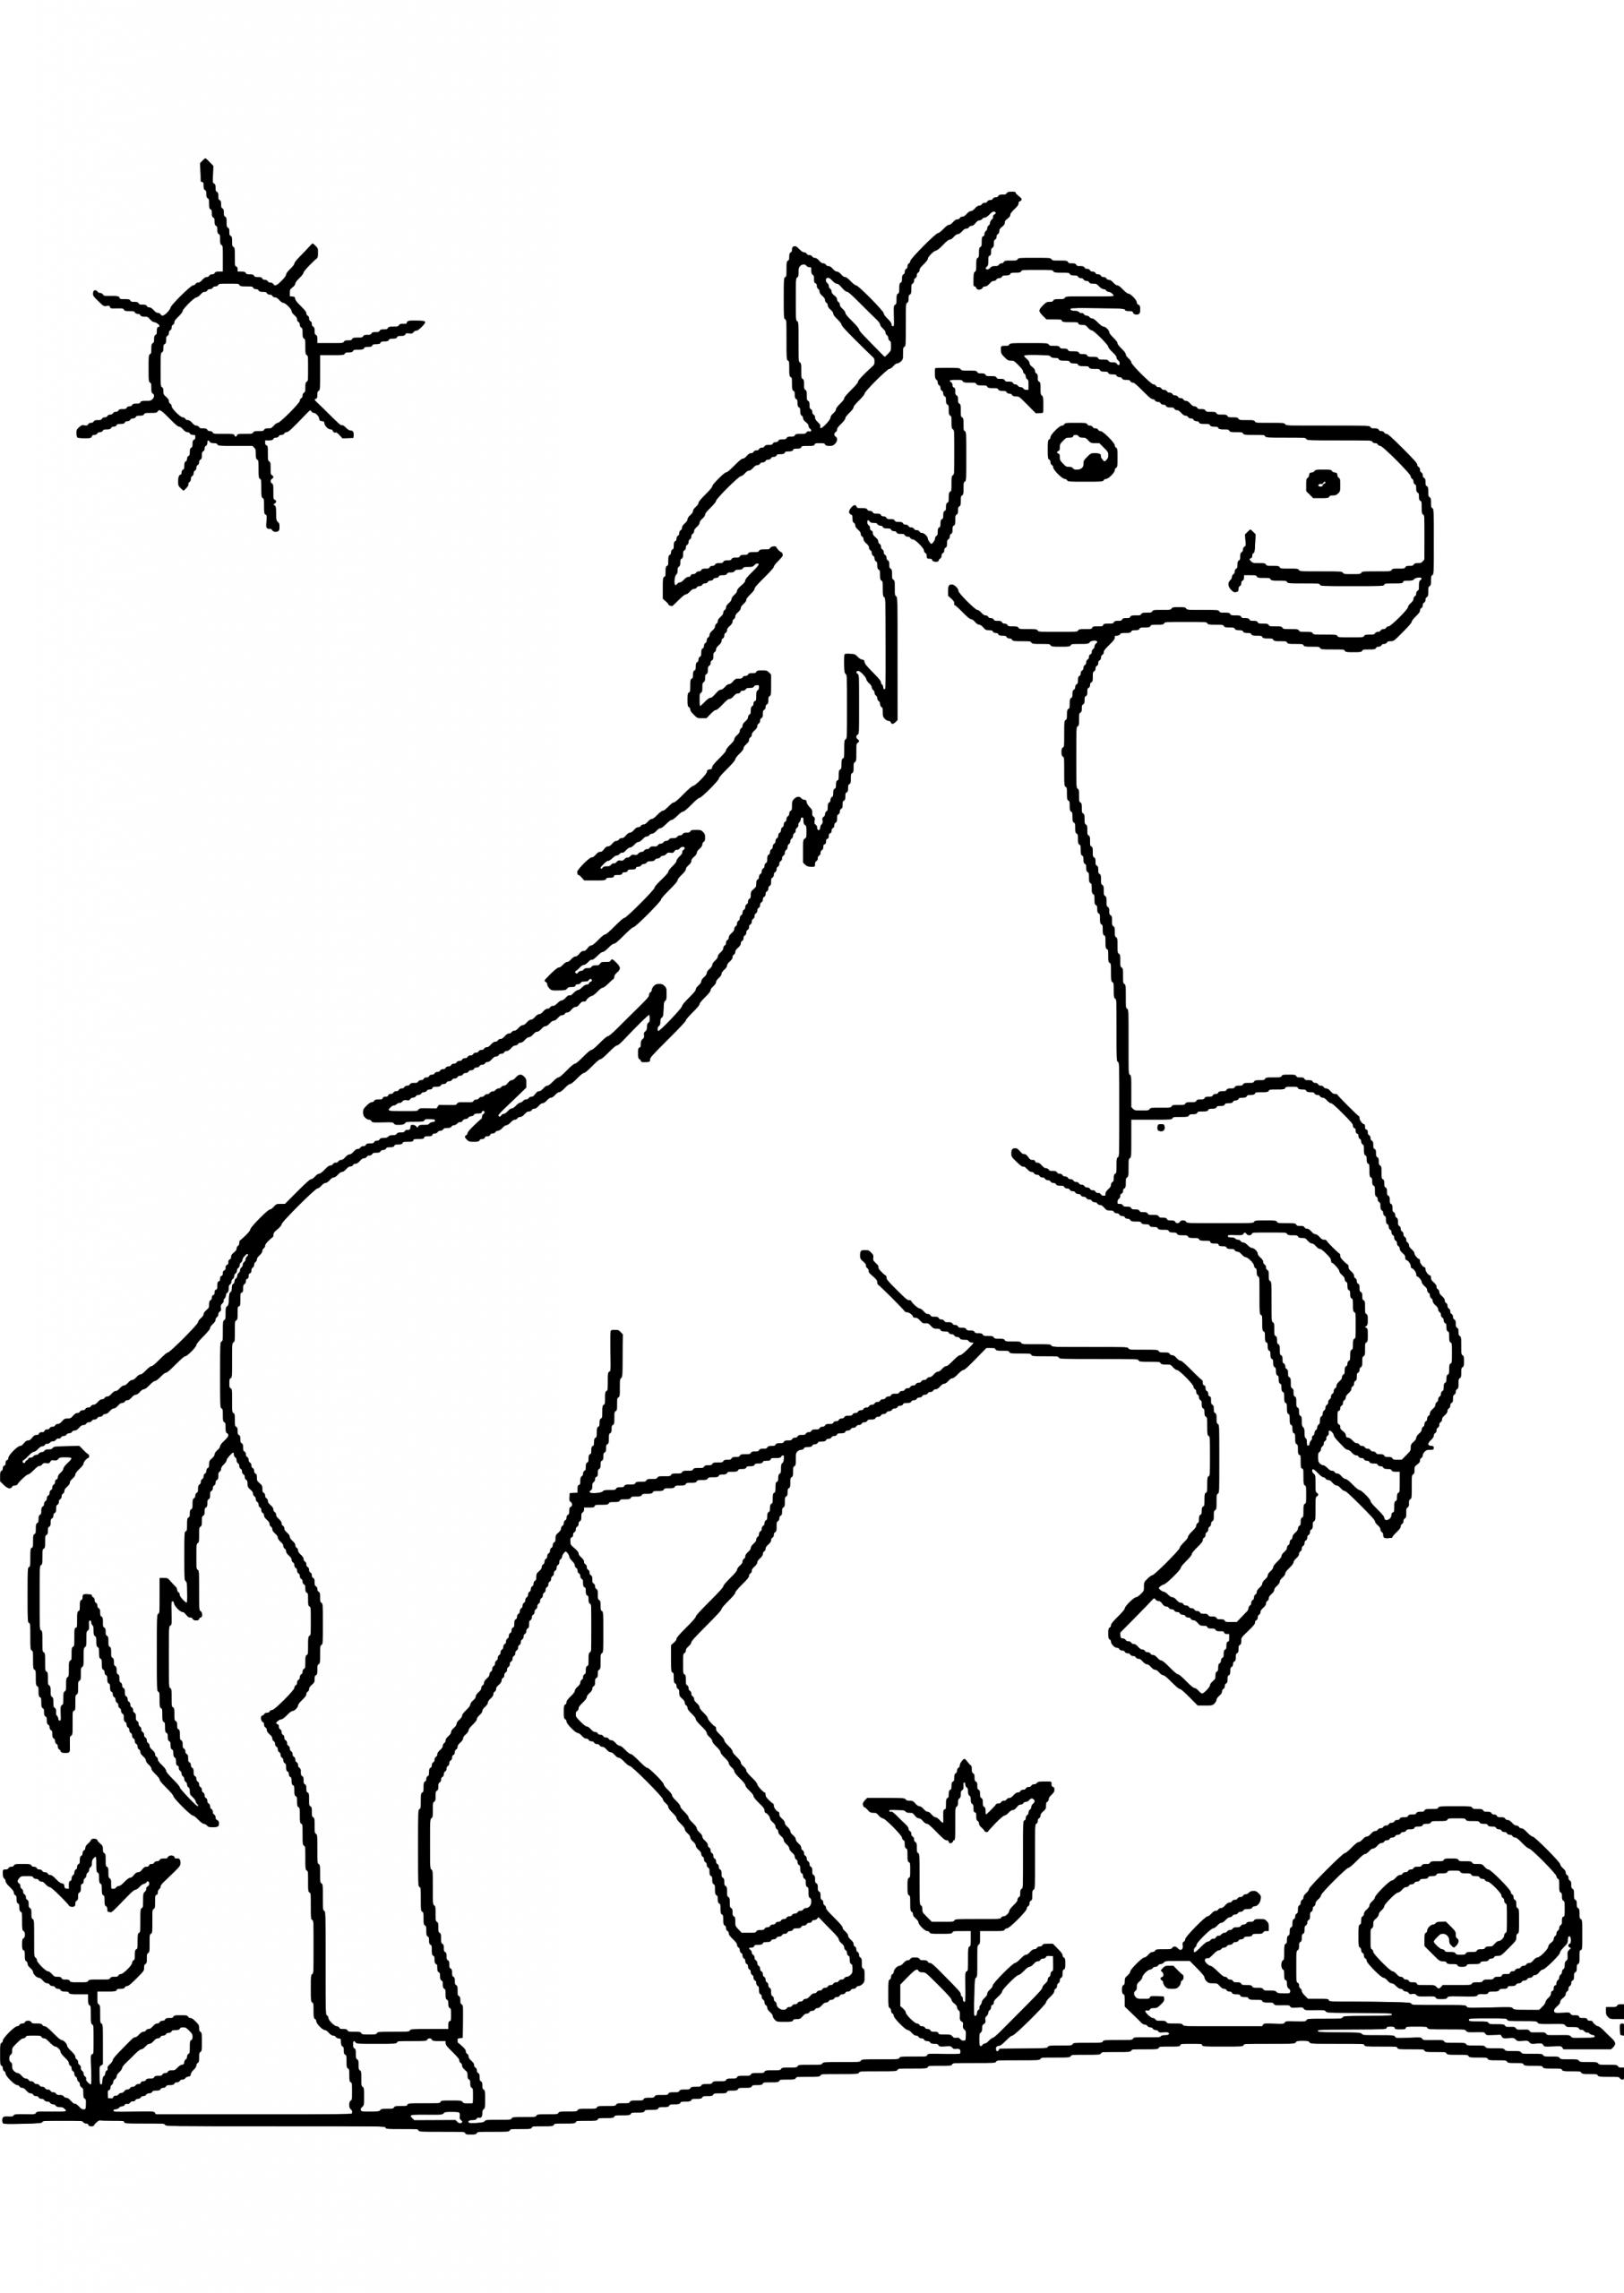 Ausmalbilder Pferde Im Schnee | Pferde Bilder Zum Ausmalen bestimmt für Pferdebilder Zum Ausmalen Und Ausdrucken